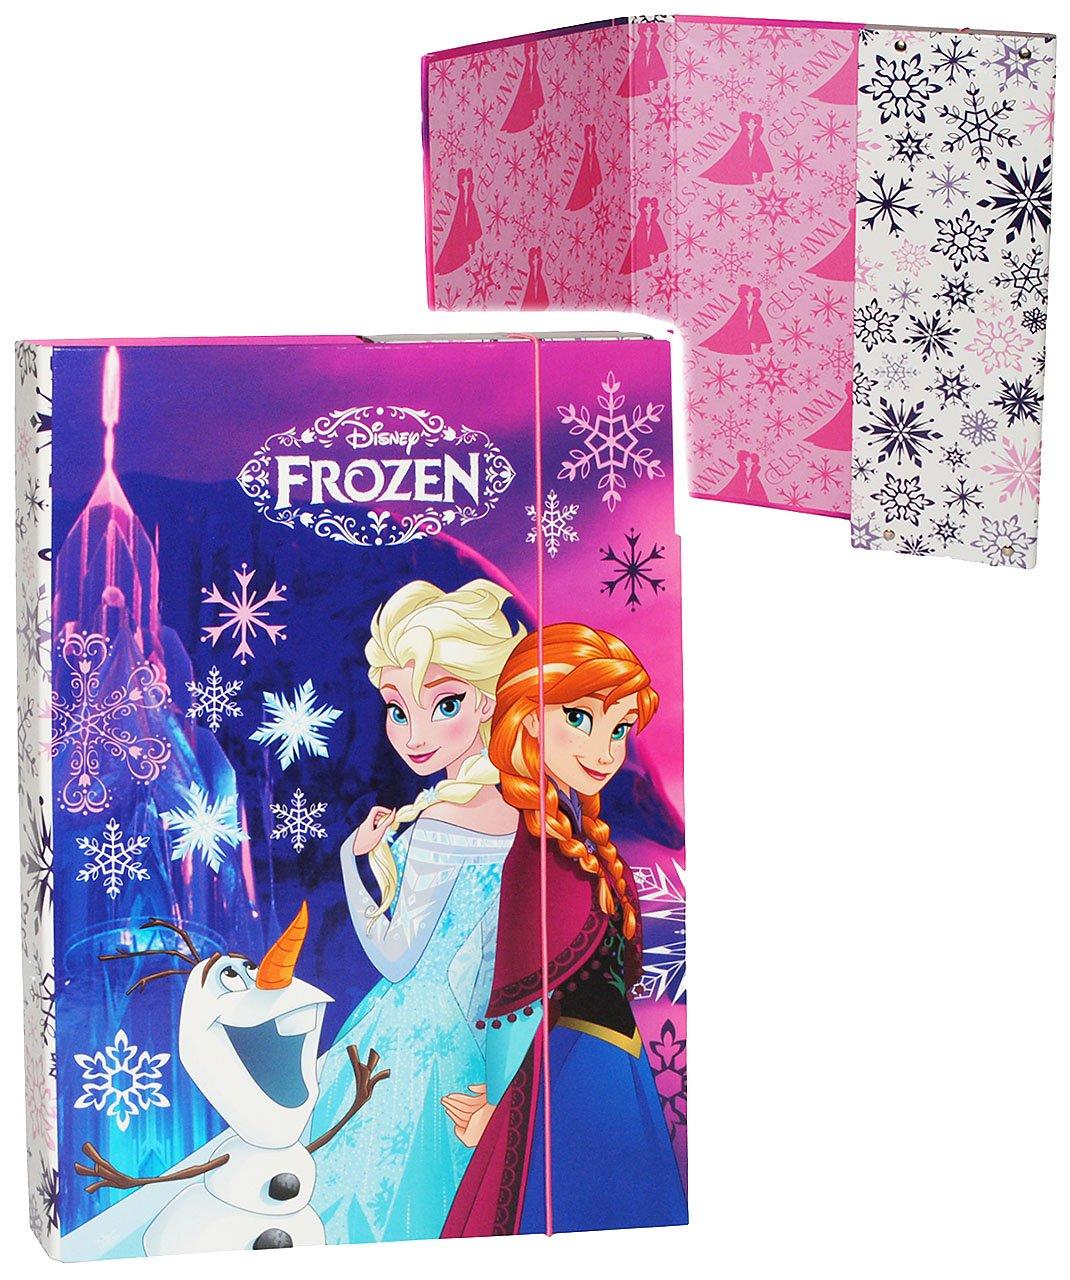 Unbekannt Heftbox / Ordner A4 - Disney die Eiskönigin / Frozen - incl. Name - für Hefte, Zettel und Mappen - Mappe Ordnermappe / Ordnungsmappe Hefter - A 4 - Kinder.. Kinder-land